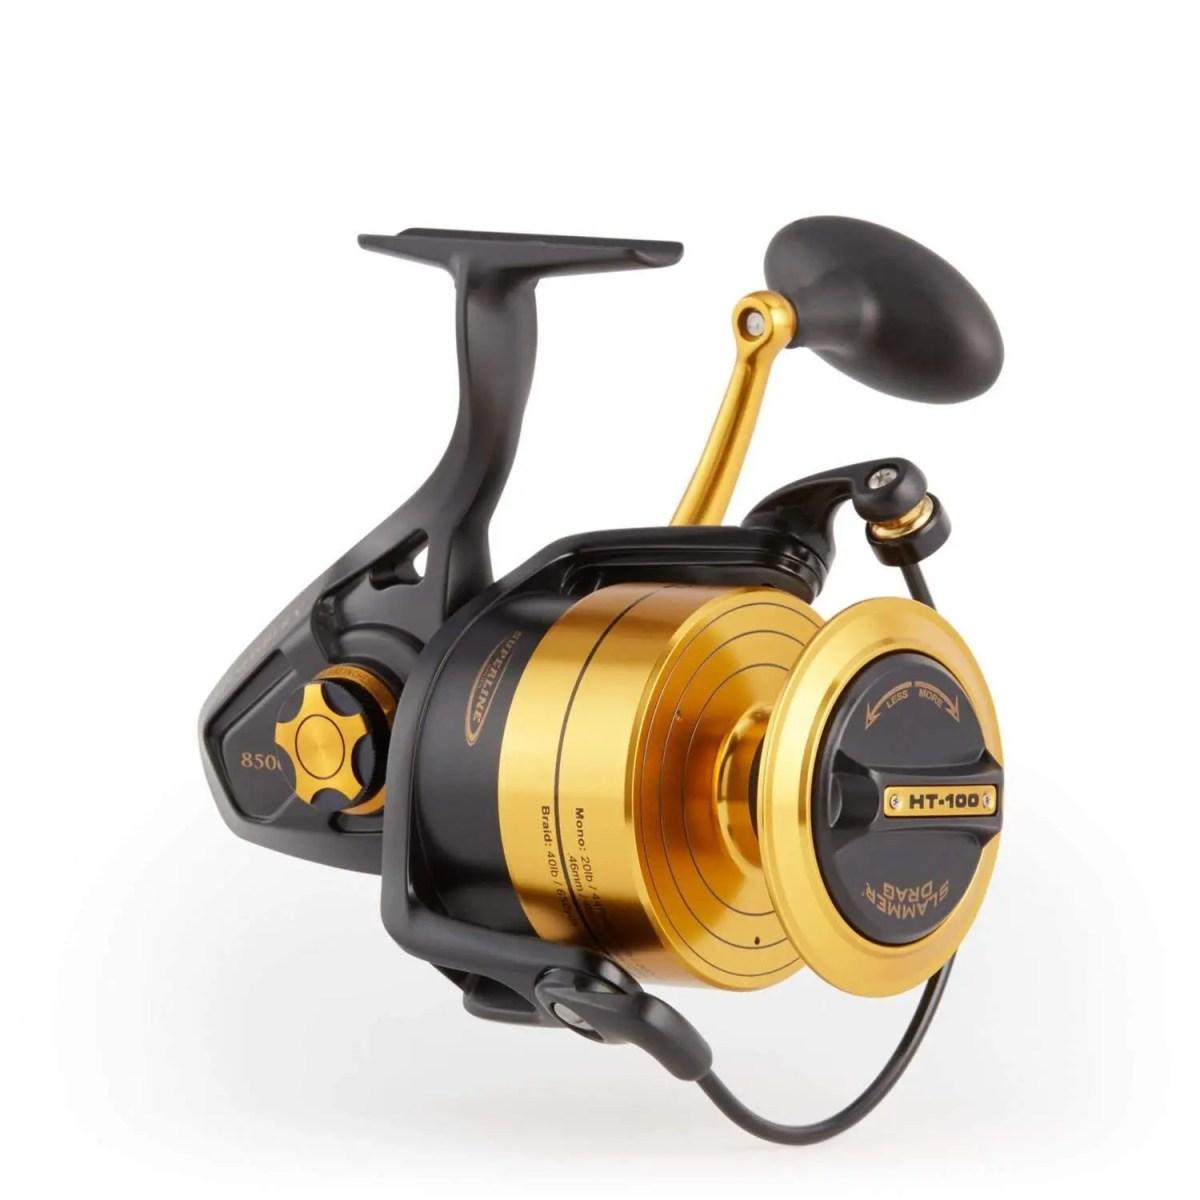 Penn Spinfisher V & VI Spinning Fishing Reels